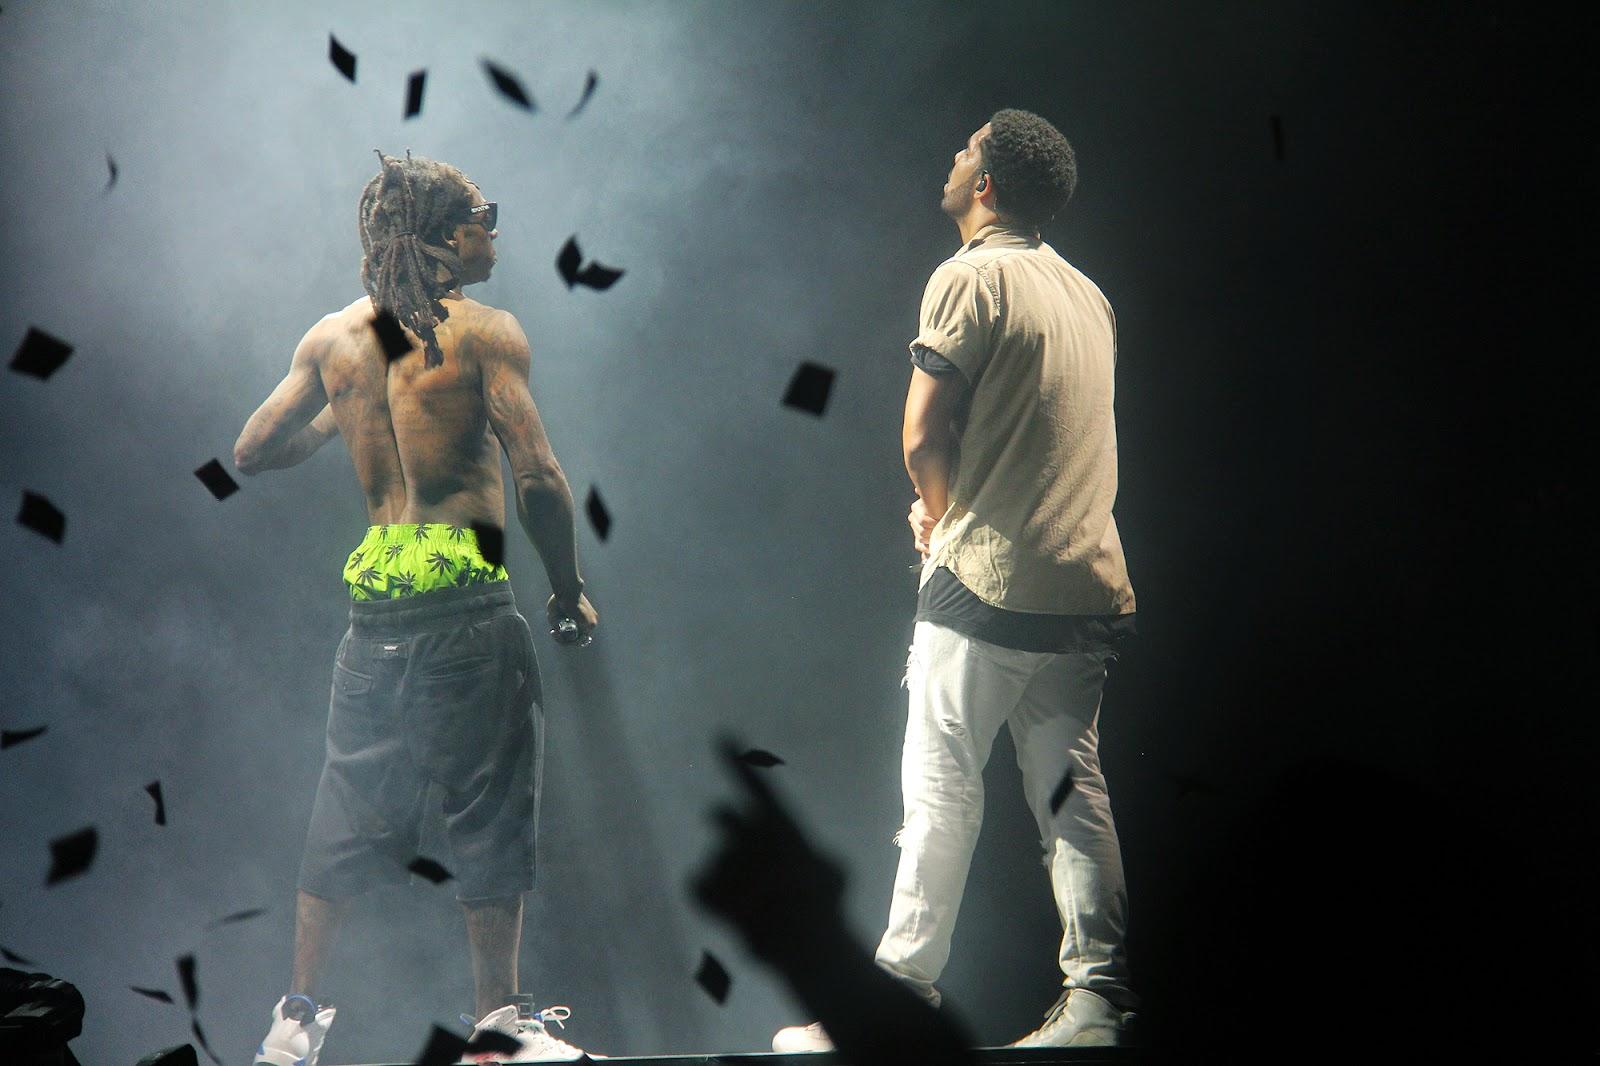 fotos del concierto drake vs lil wayne en buffalo gira tour drake lil wayne